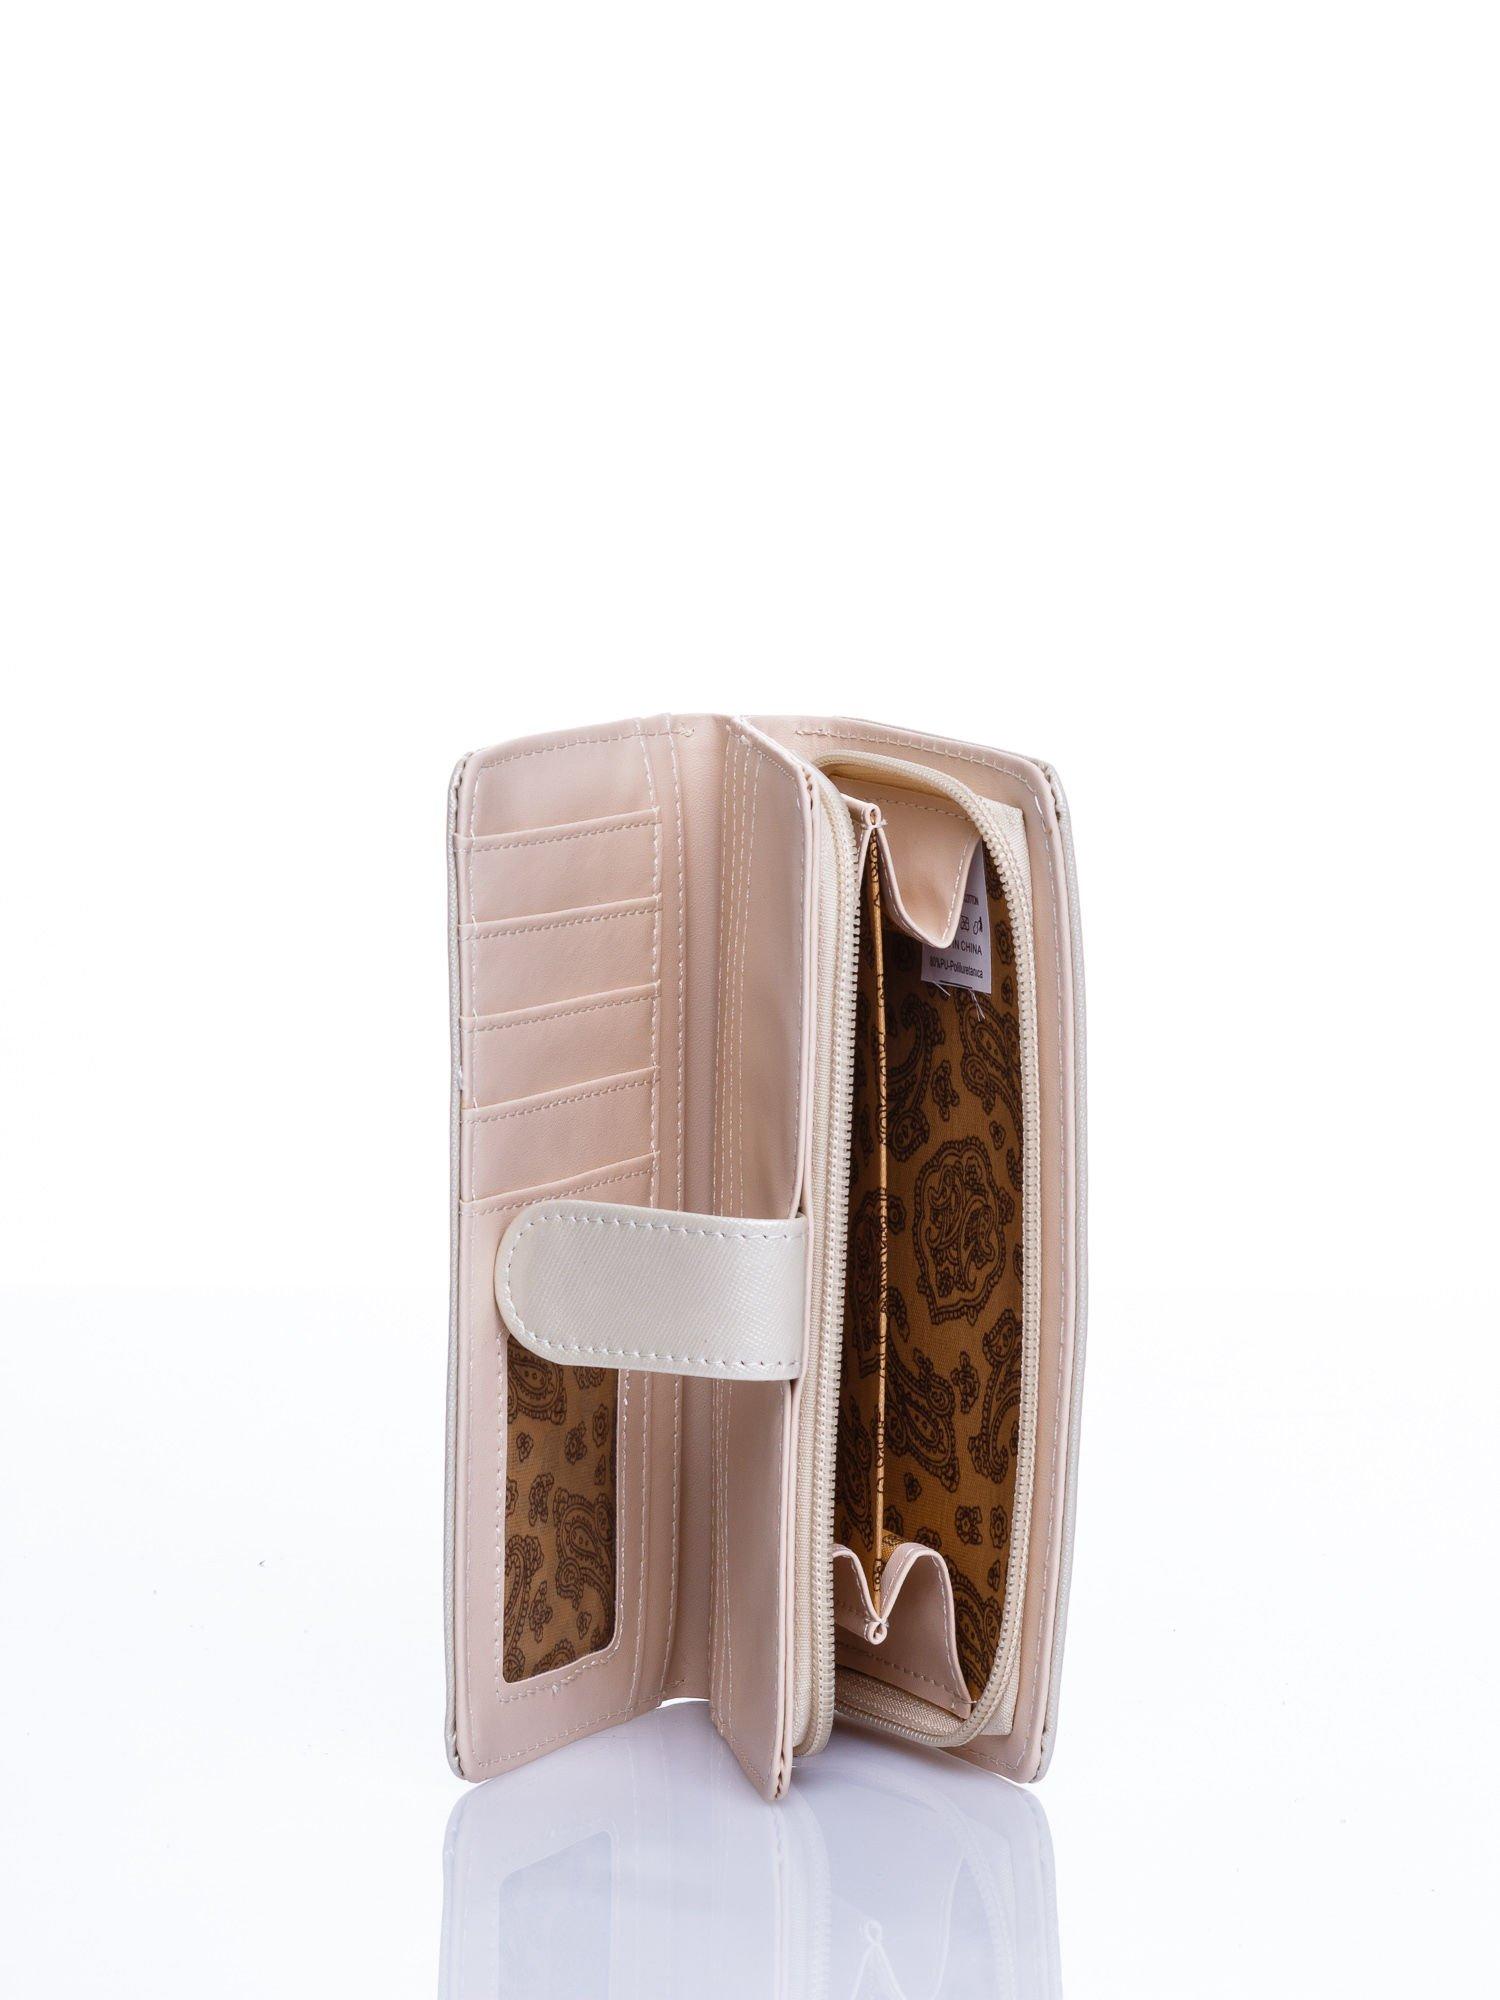 Kremowy portfel efekt skóry saffiano                                  zdj.                                  3